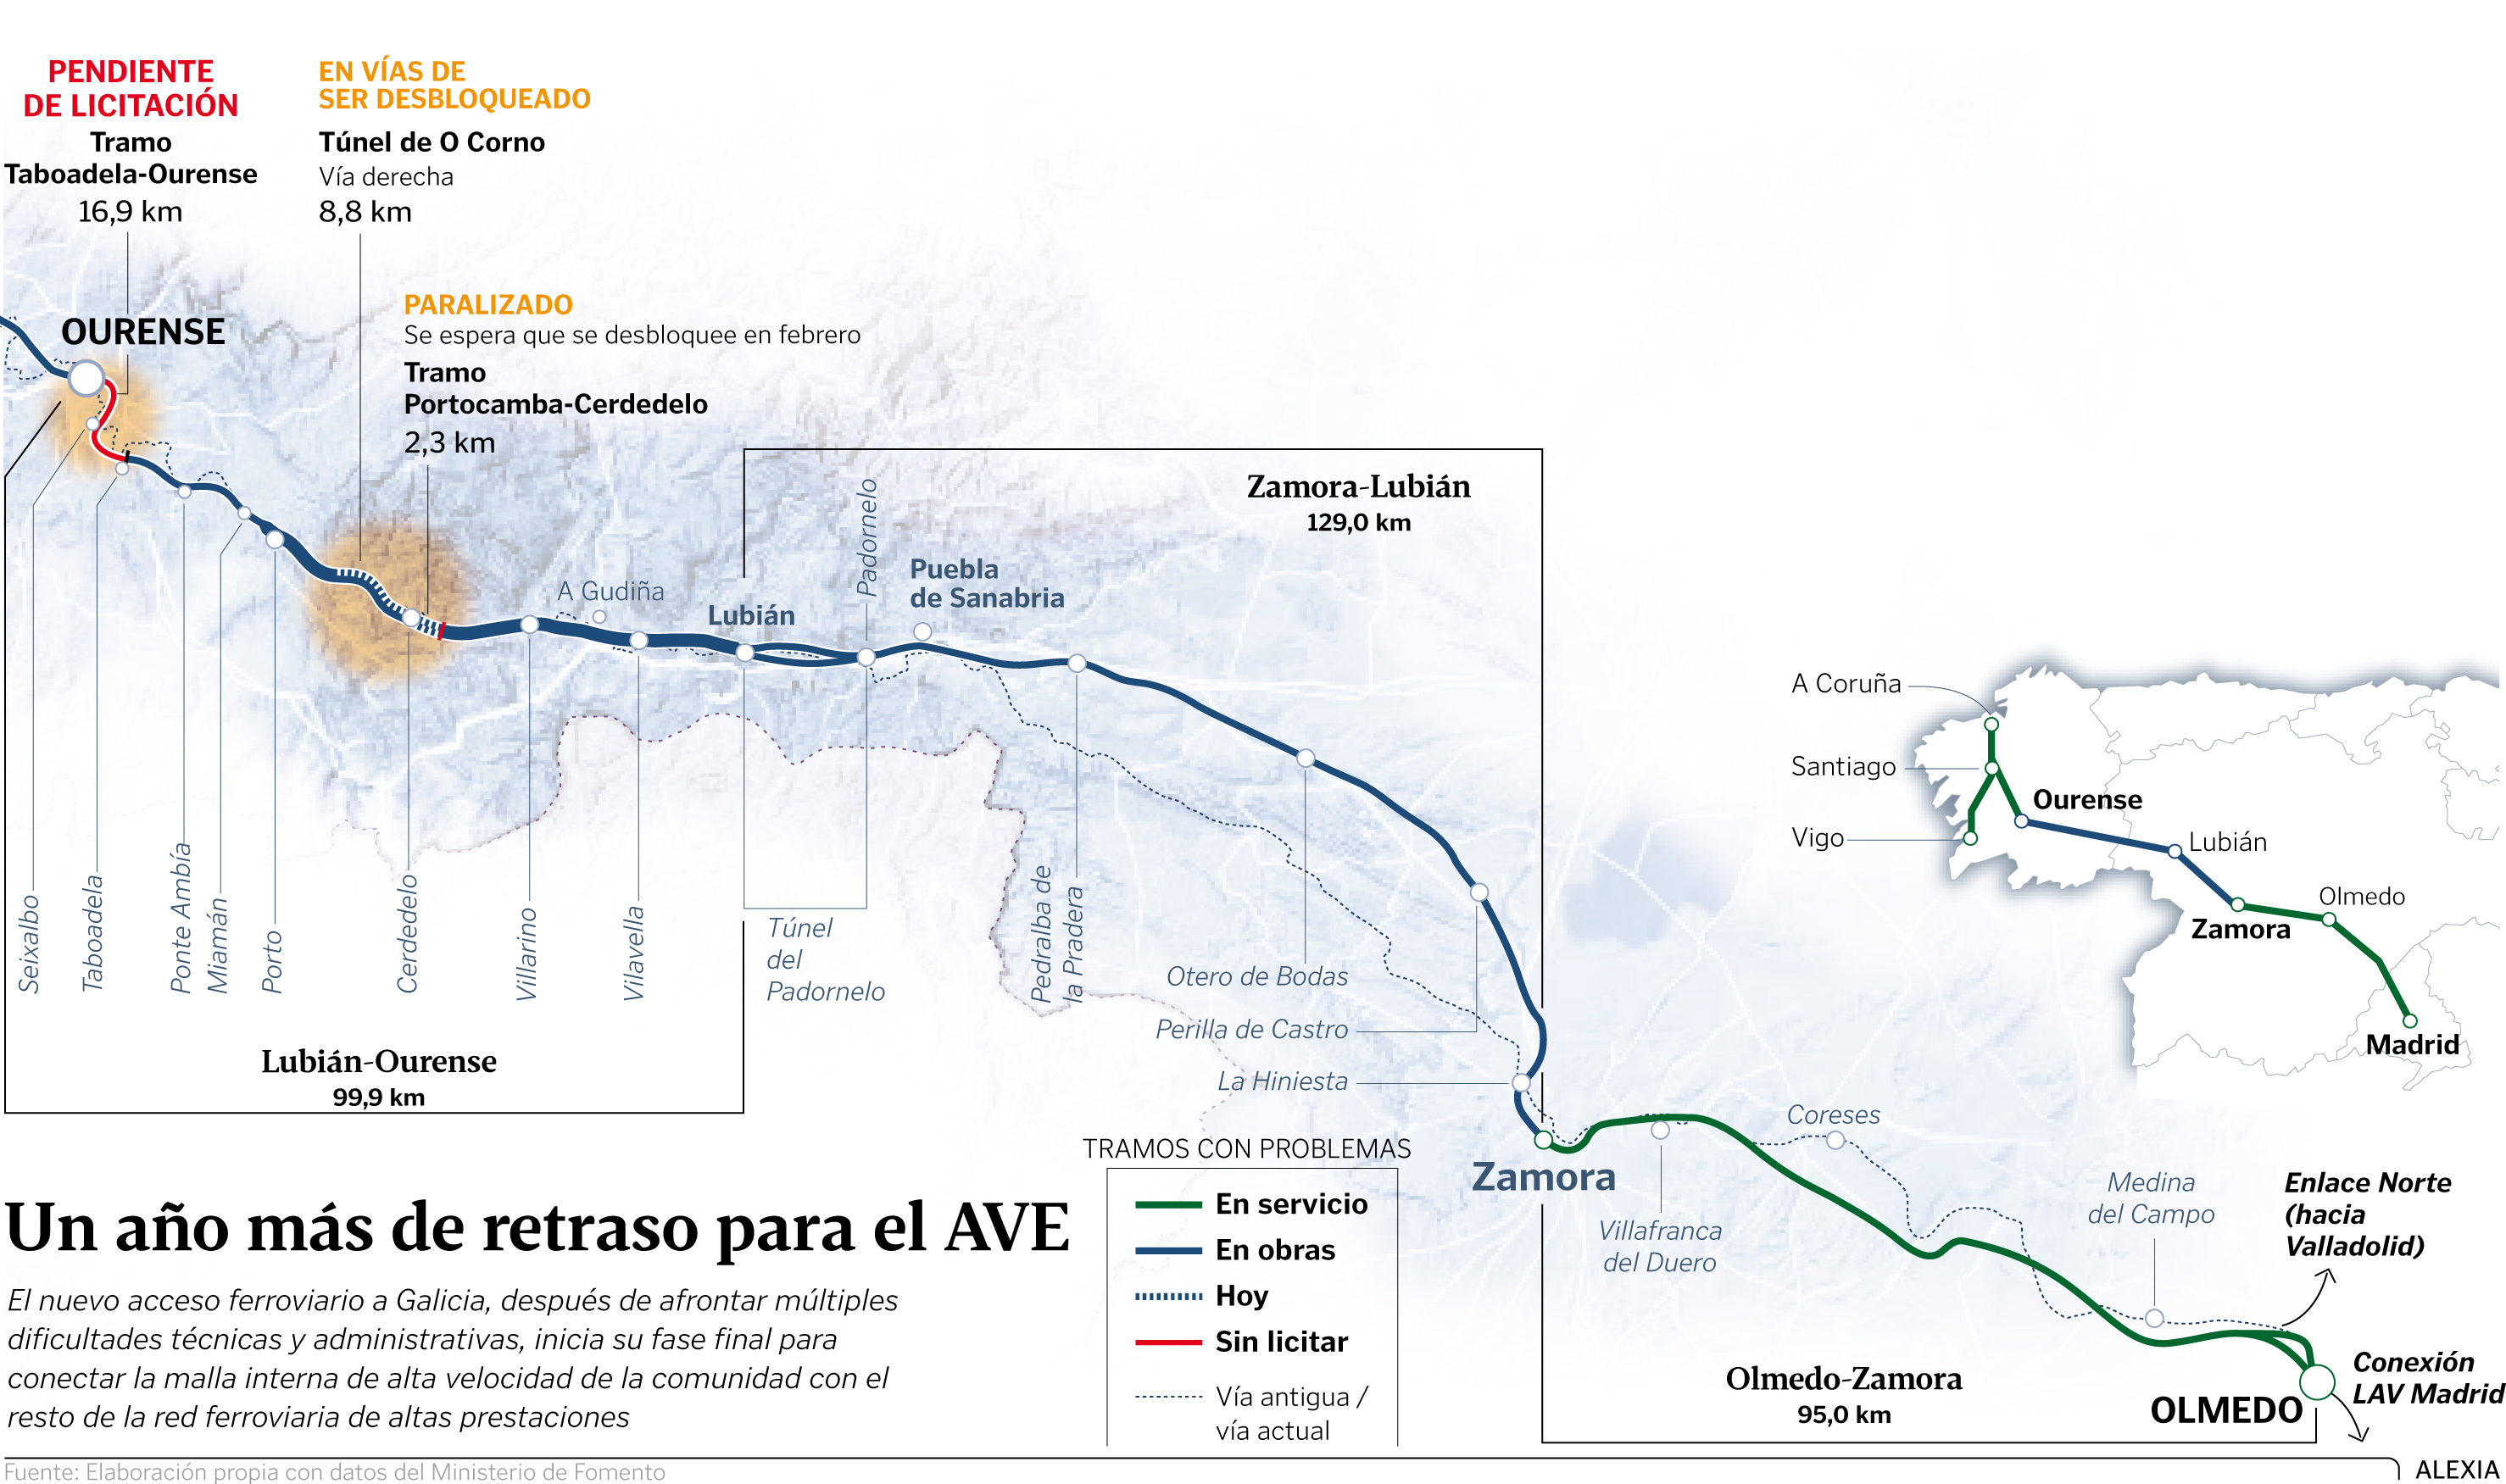 Transportes: Ferrocarril en España, alta velocidad, convencional. - Página 6 Ave